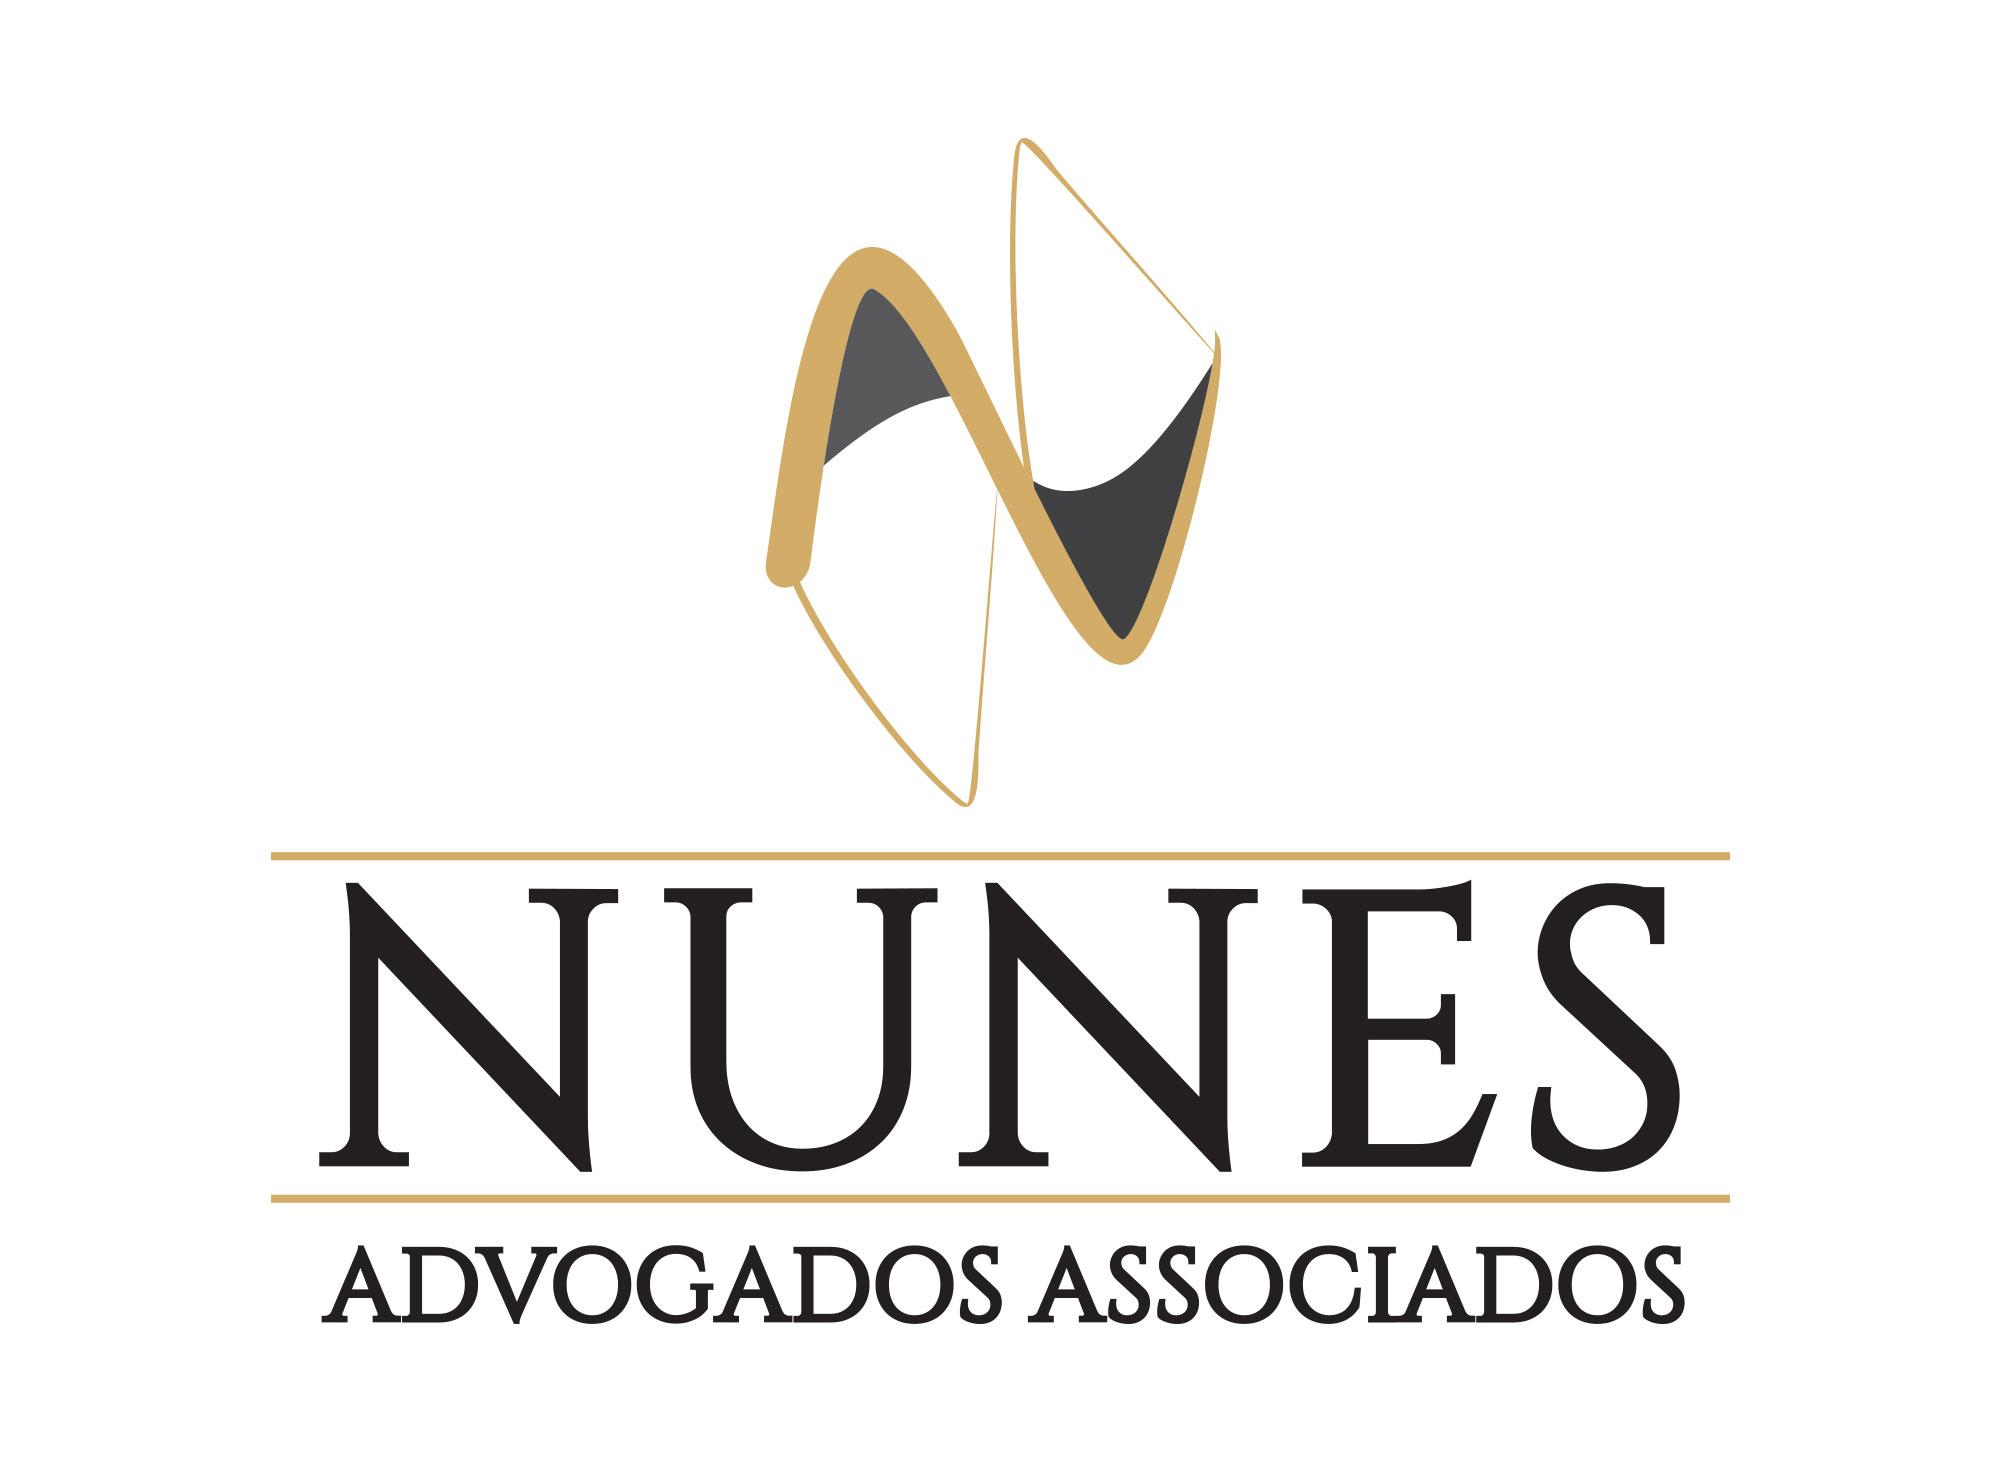 nunes-advogados-associados-cliente-agencia-diretriz-digital-marketing-fortaleza